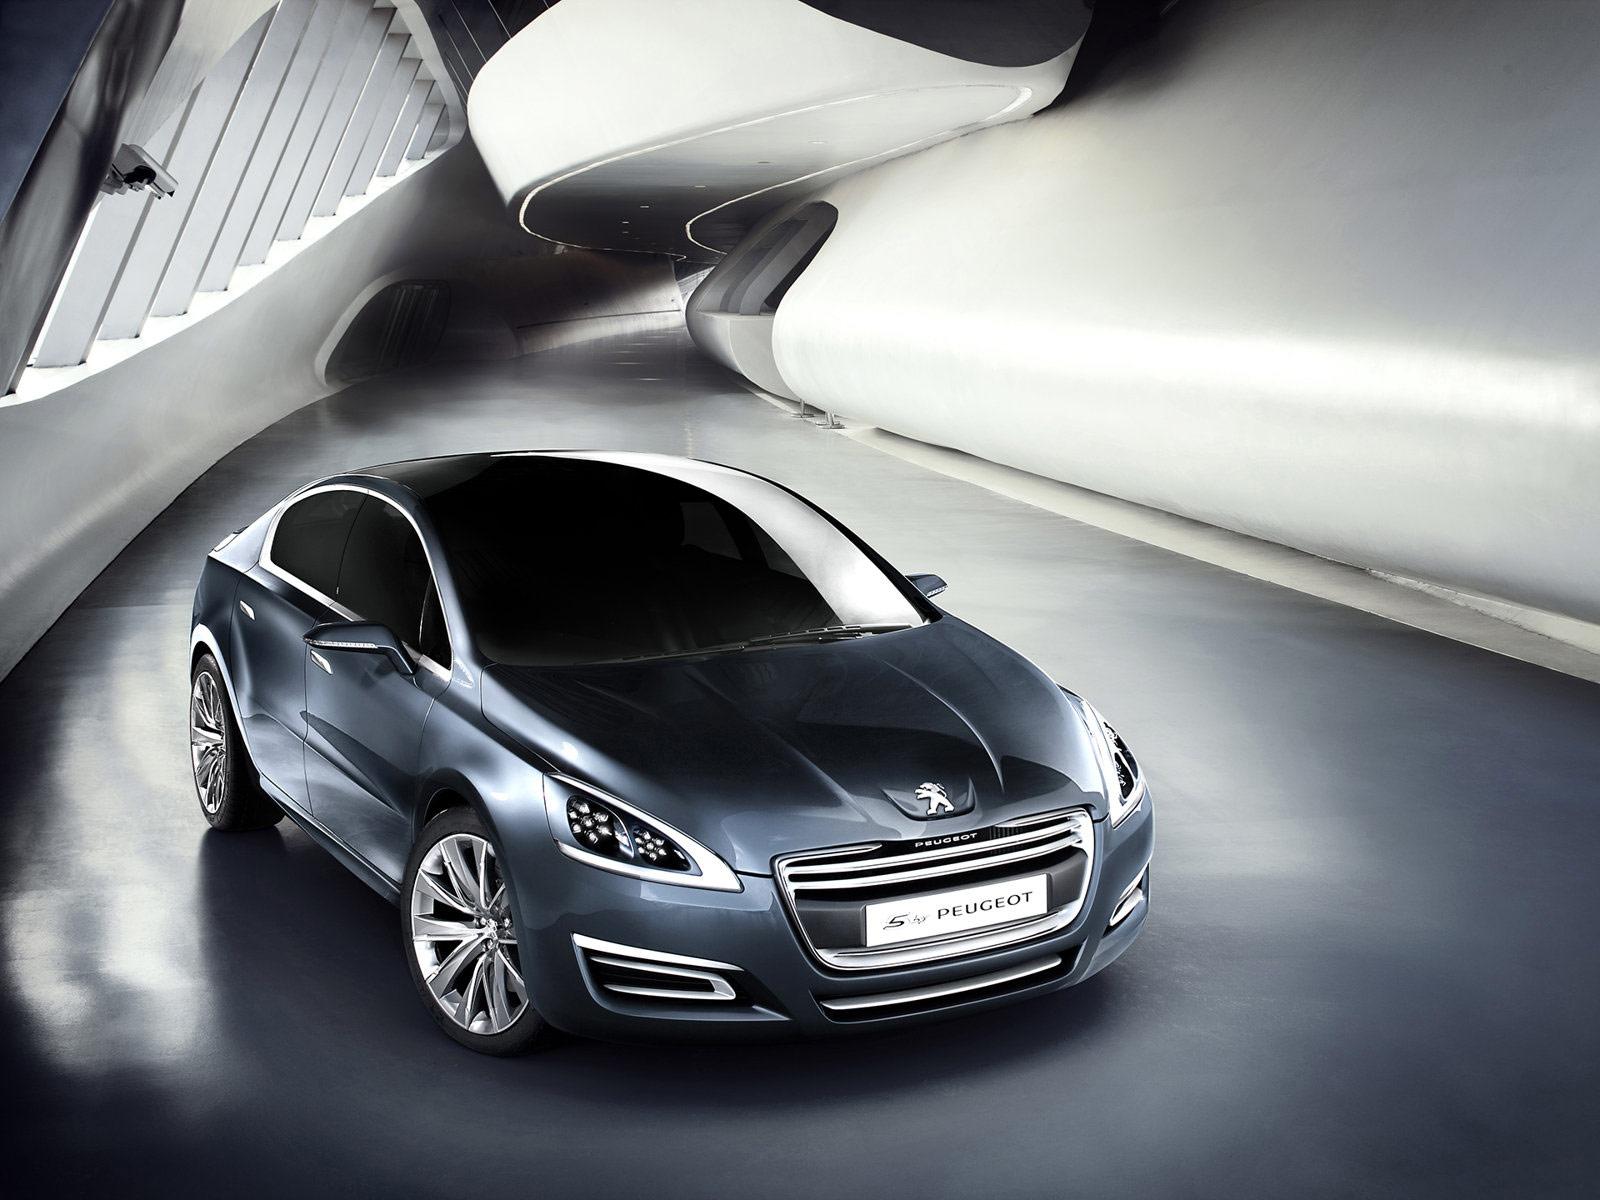 http://2.bp.blogspot.com/_m_XWwB73yT4/THYsCmjTBjI/AAAAAAAAB_g/QrFfvvsmIhQ/s1600/Peugeot-5_Concept_2010_1.jpg